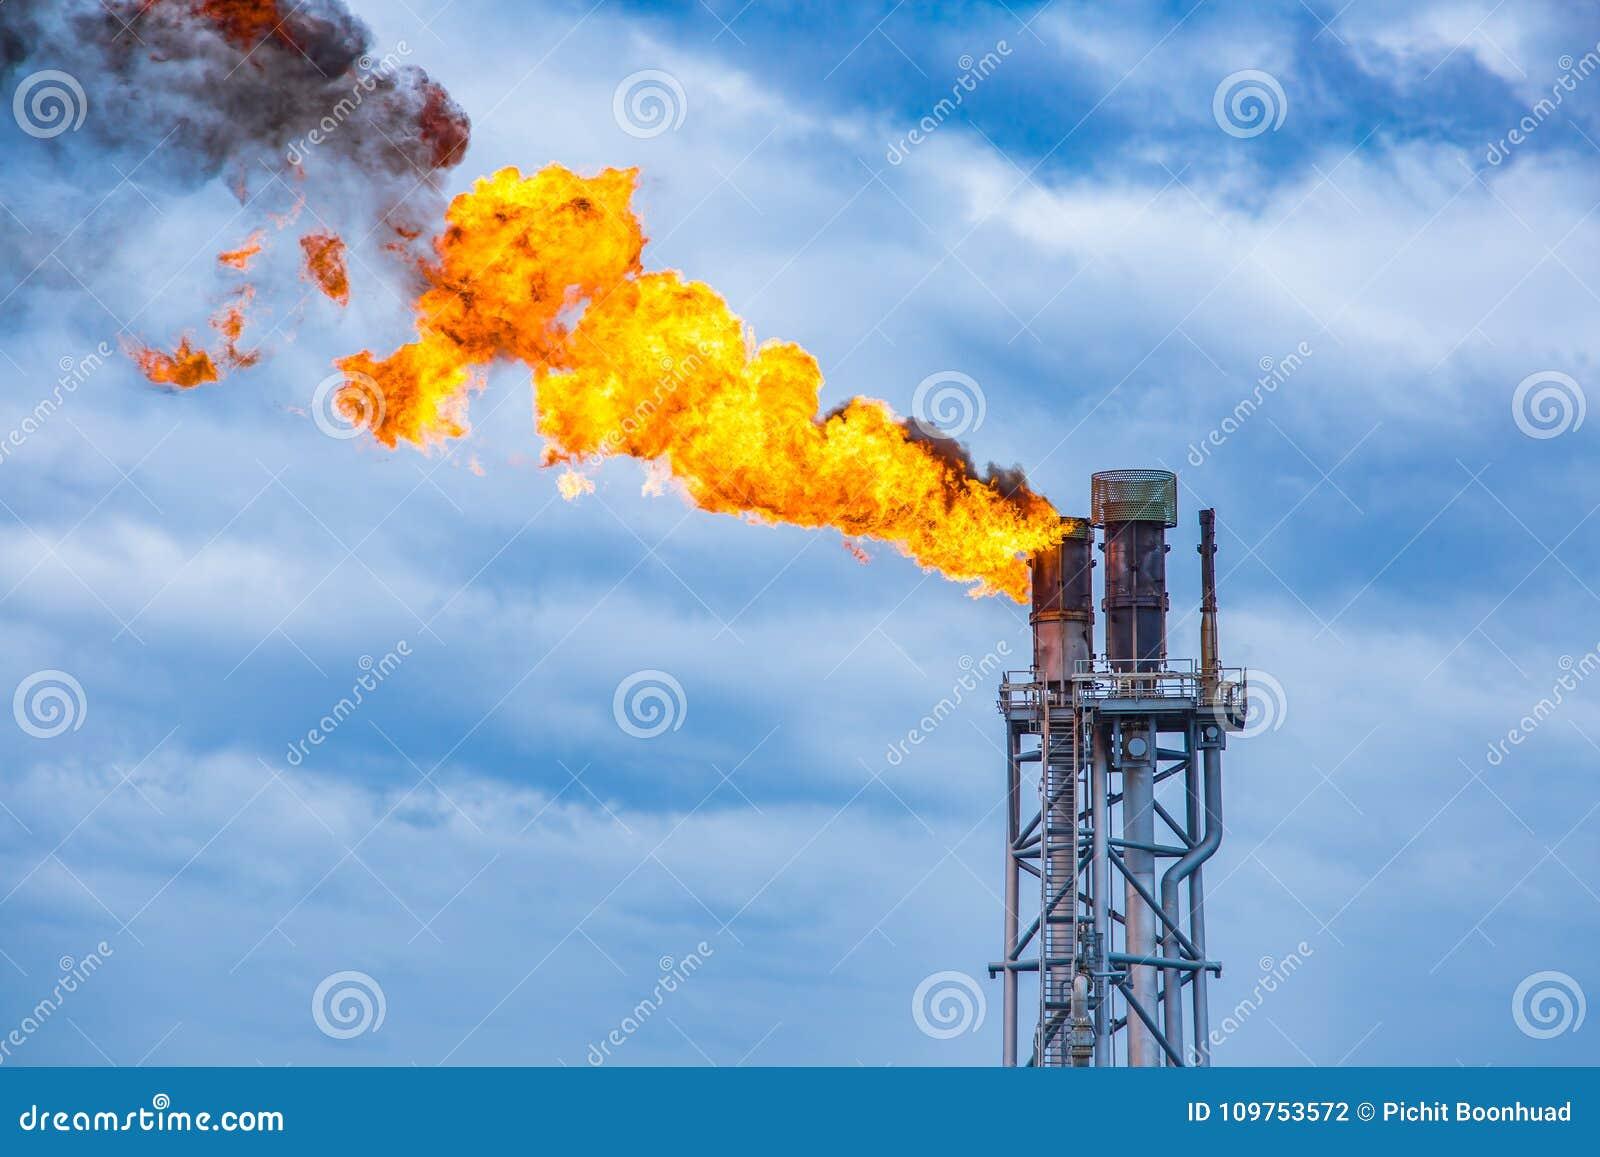 Fuoco sulla fiaccola alla piattaforma d elaborazione centrale del gas e del petrolio mentre bruciando sostanza tossica e rilascio